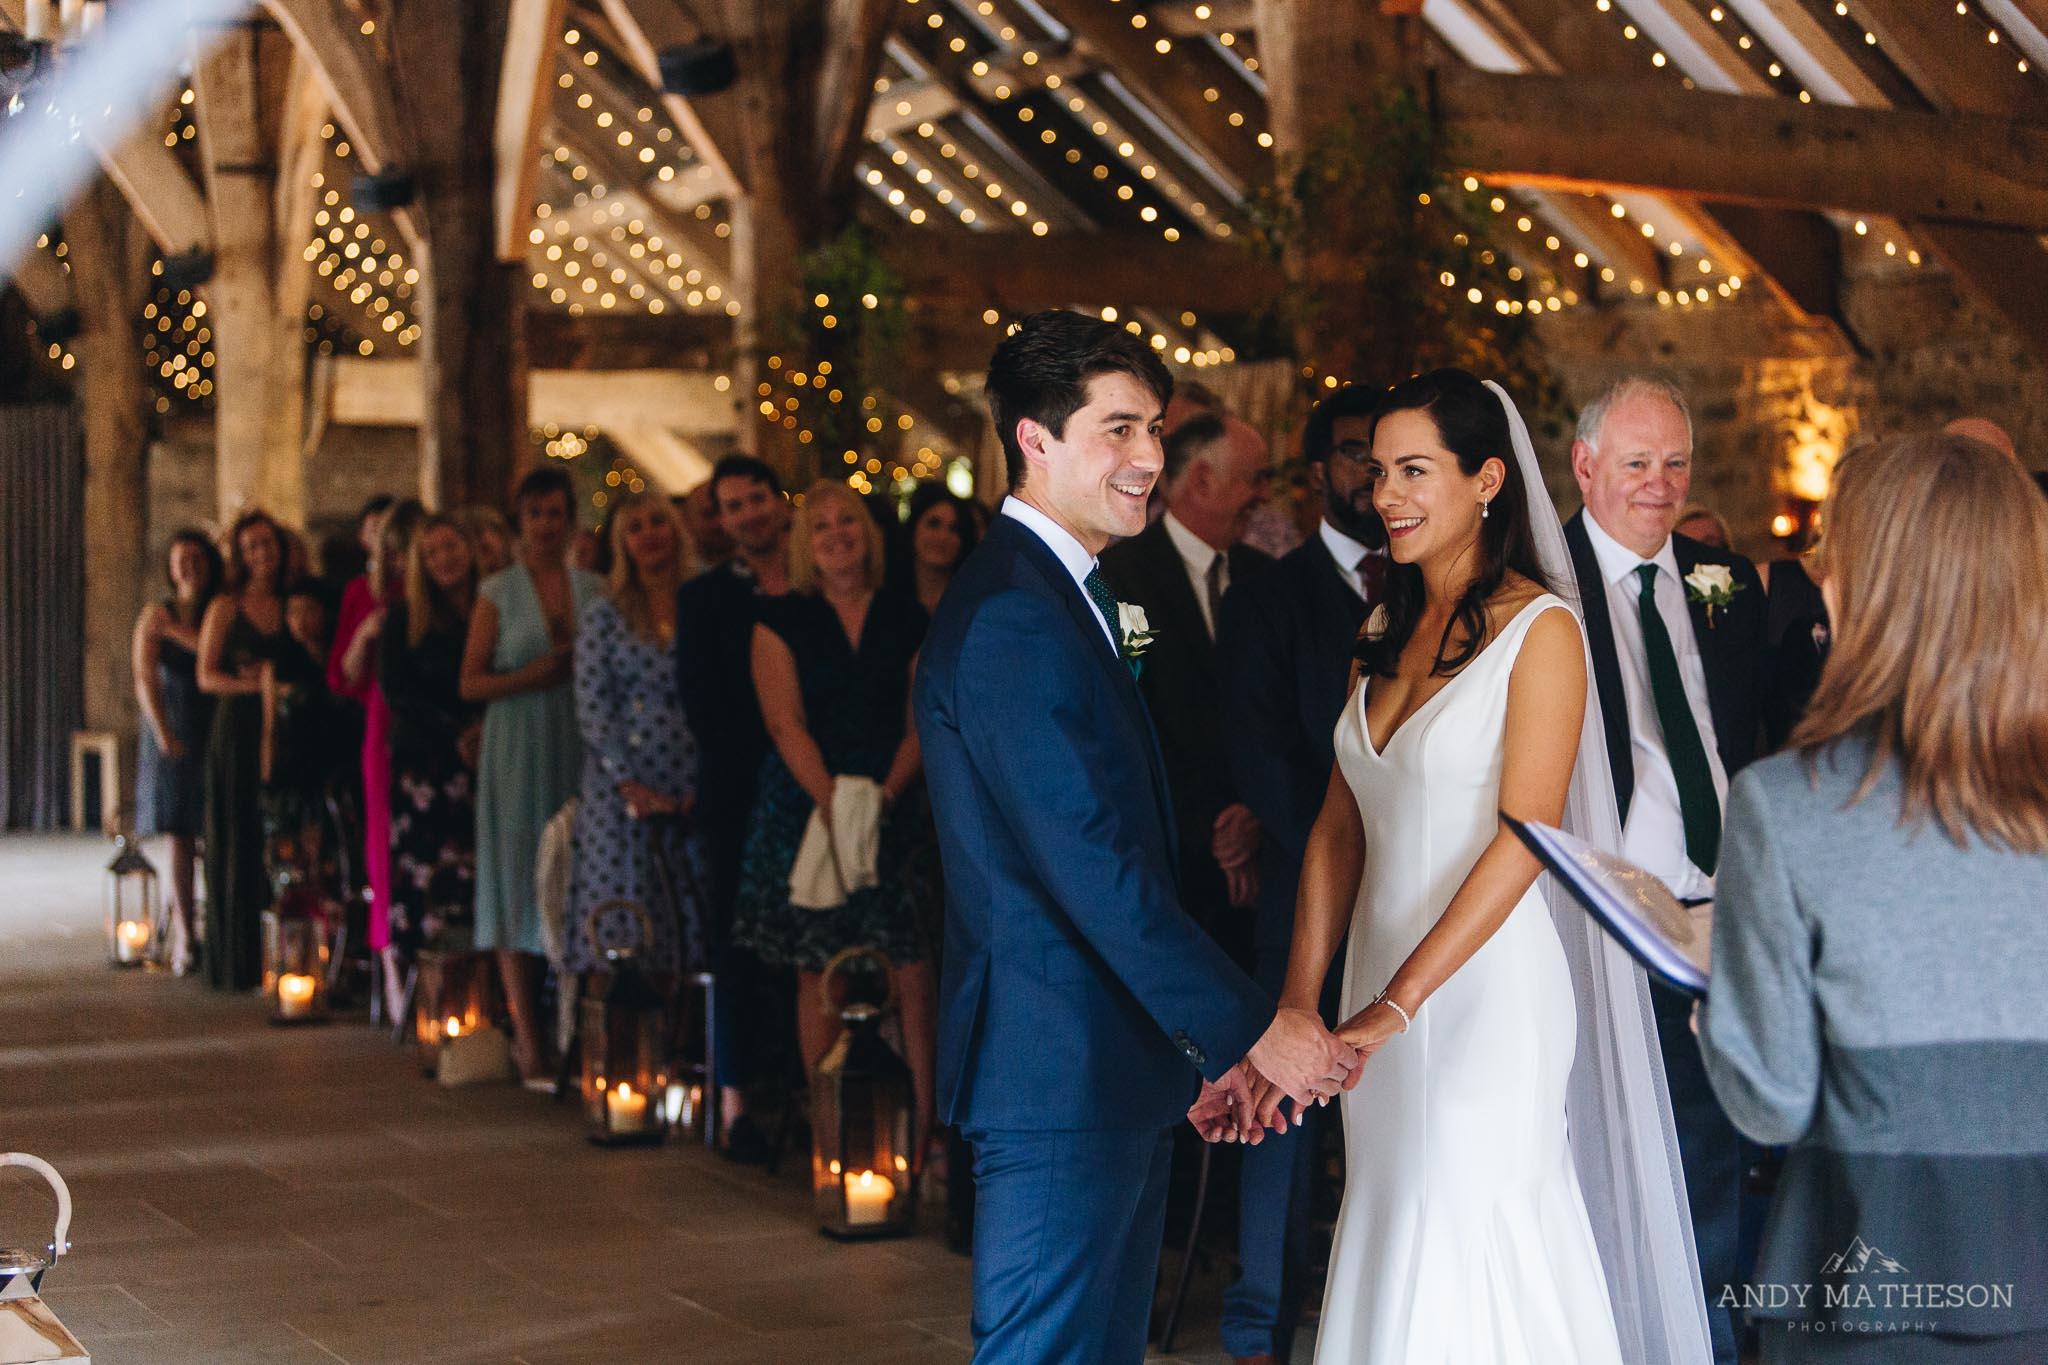 Tithe Barn Bolton Abbey Wedding Photographer_Andy Matheson_035.jpg